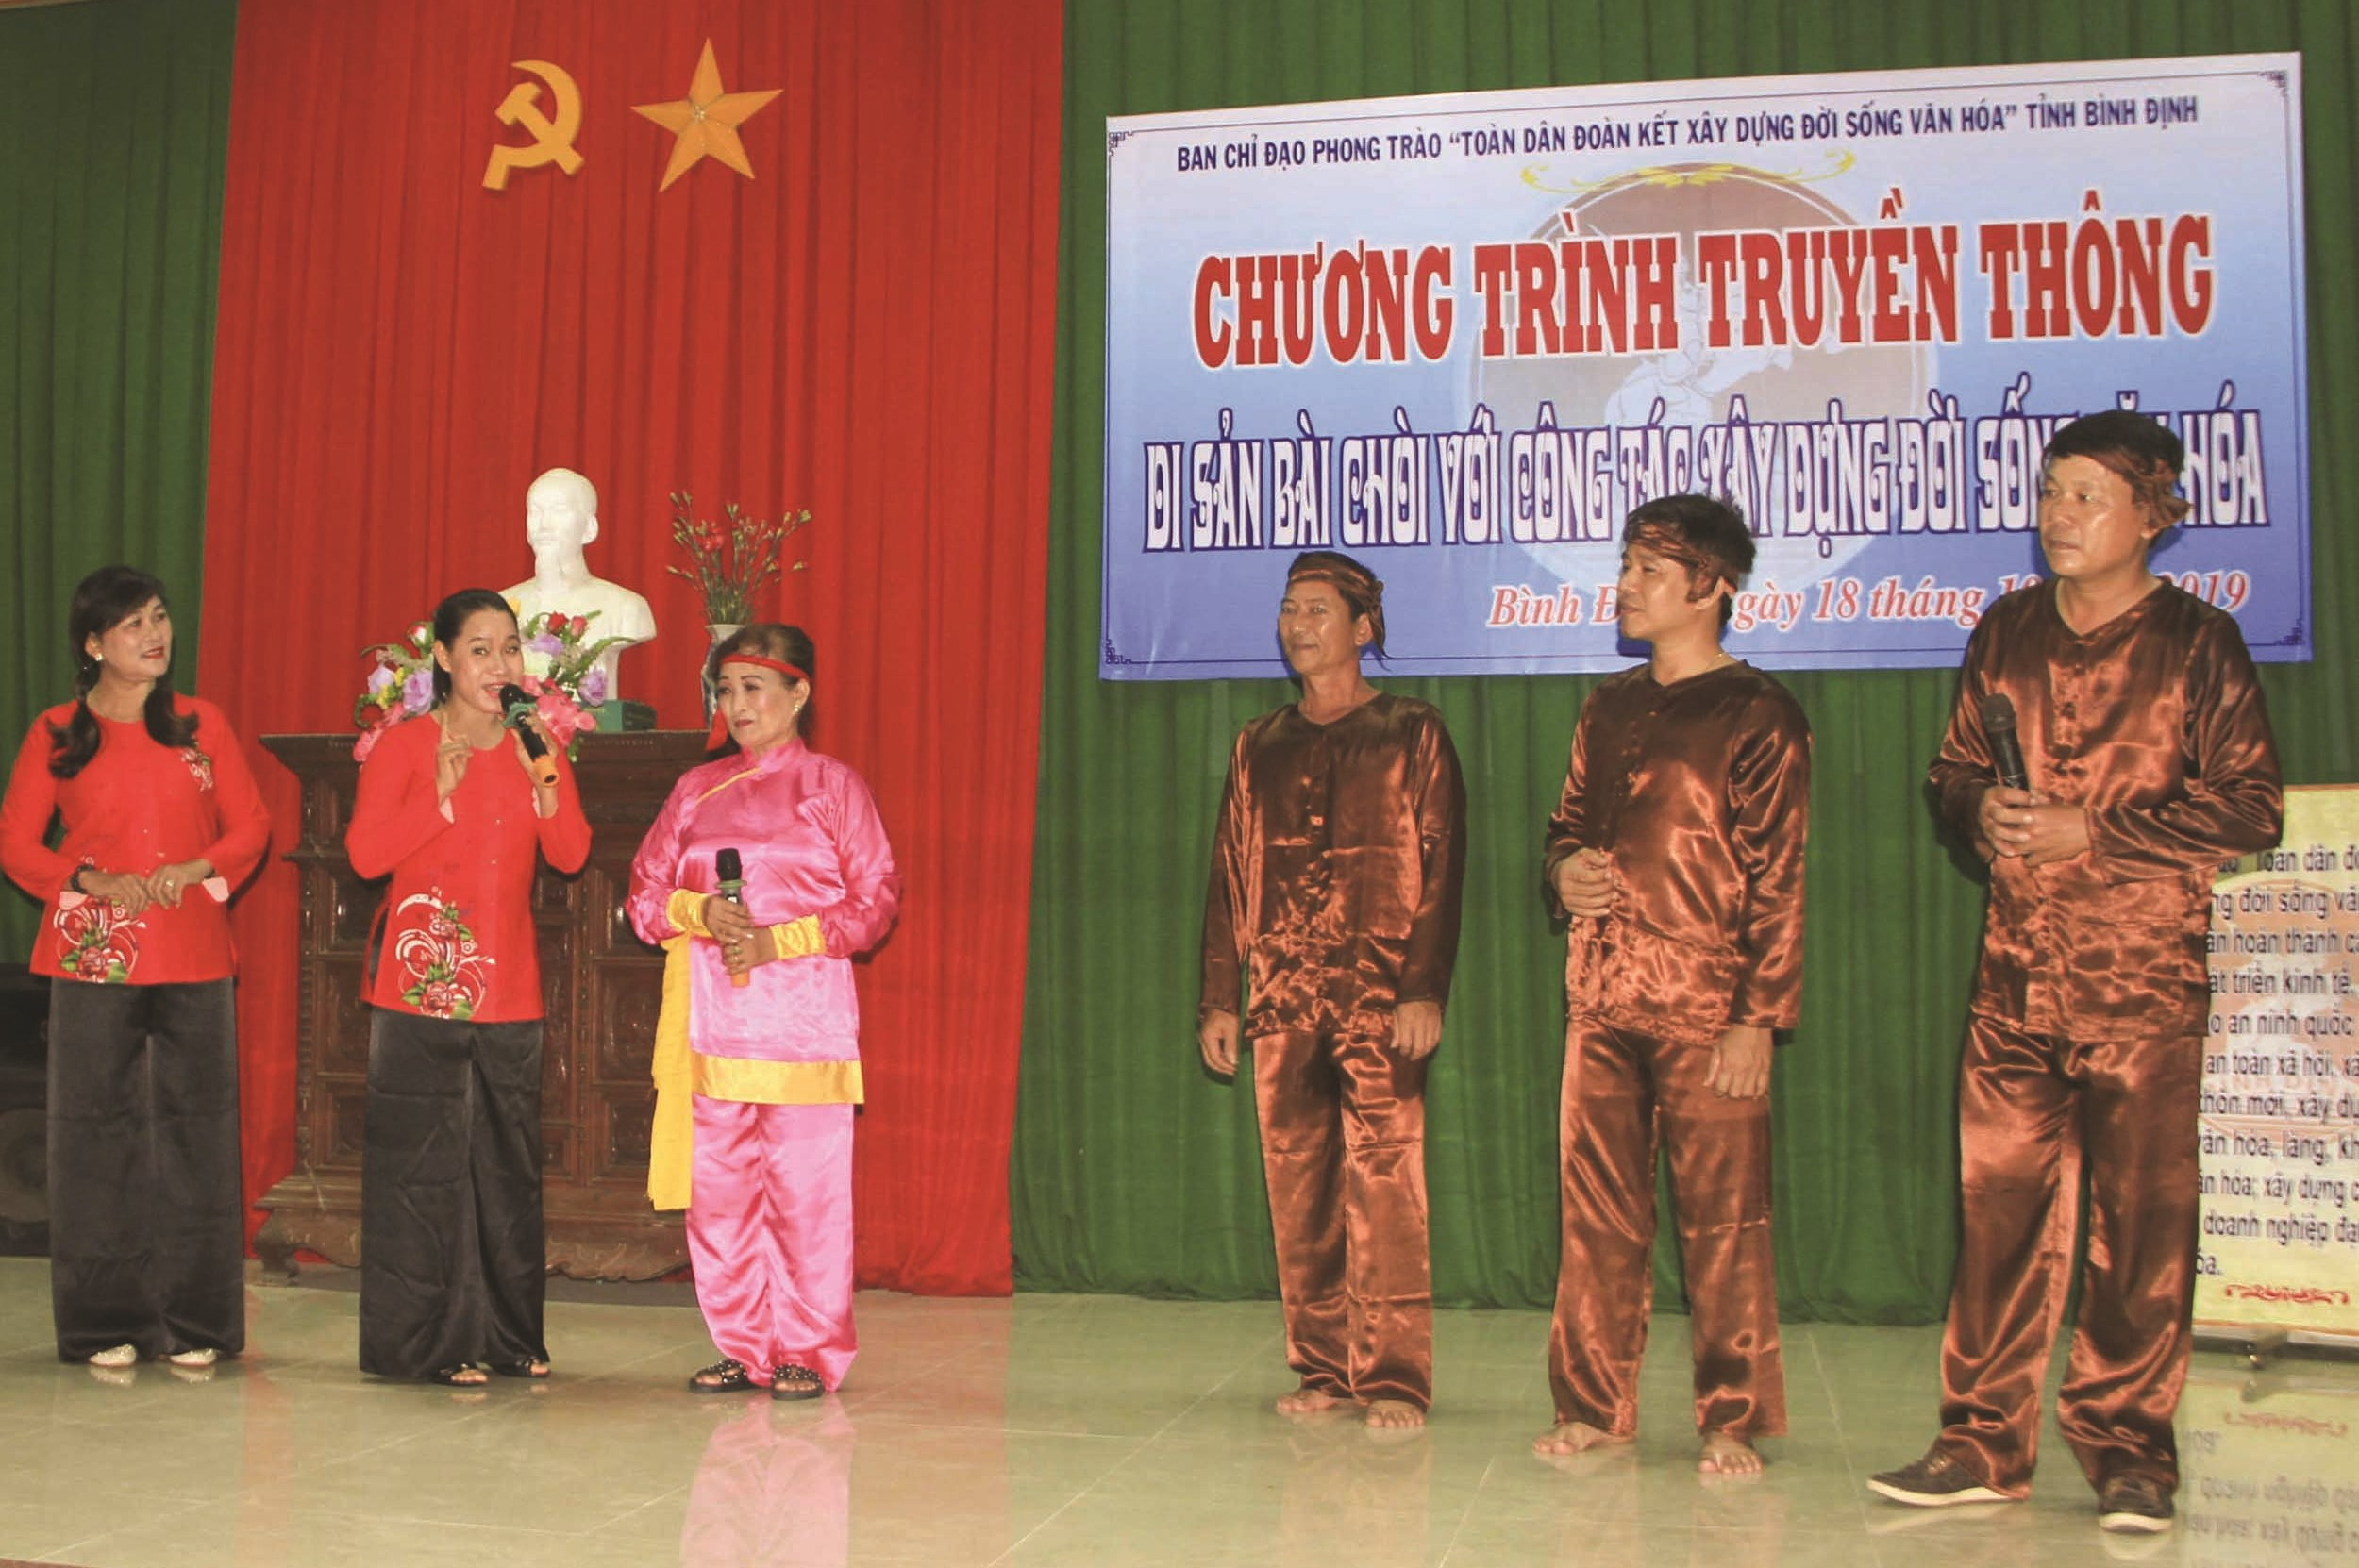 Đội tuyên truyền lưu động tỉnh Bình Định, trình diễn Nghệ thuật Bài chòi, phục vụ cho người dân vùng nông thôn